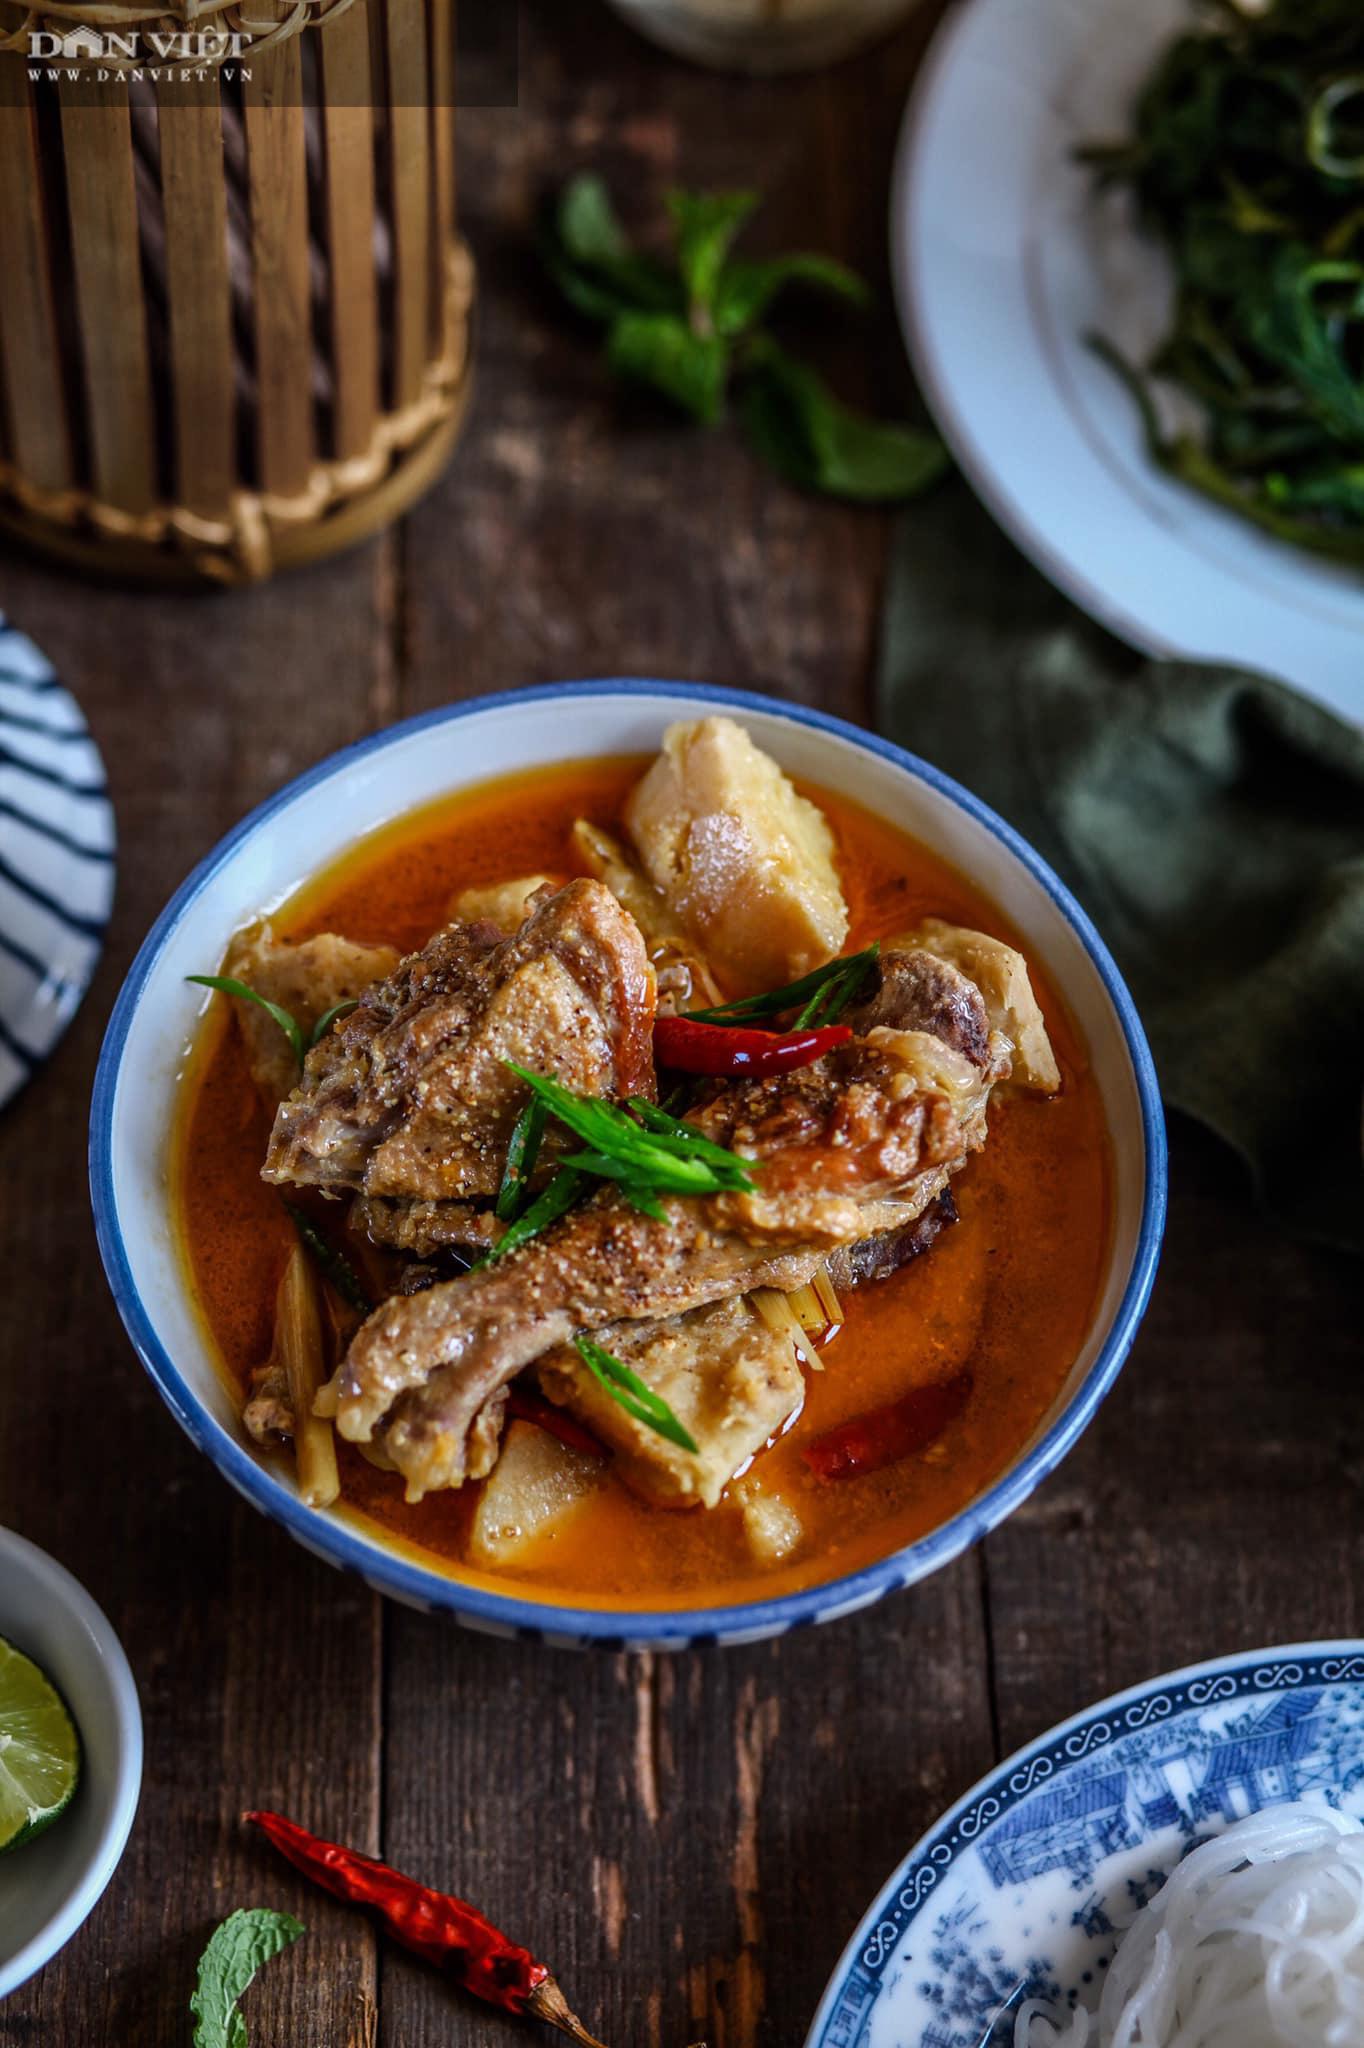 Những món ăn ngon được chế biến từ thịt vịt - Ảnh 2.